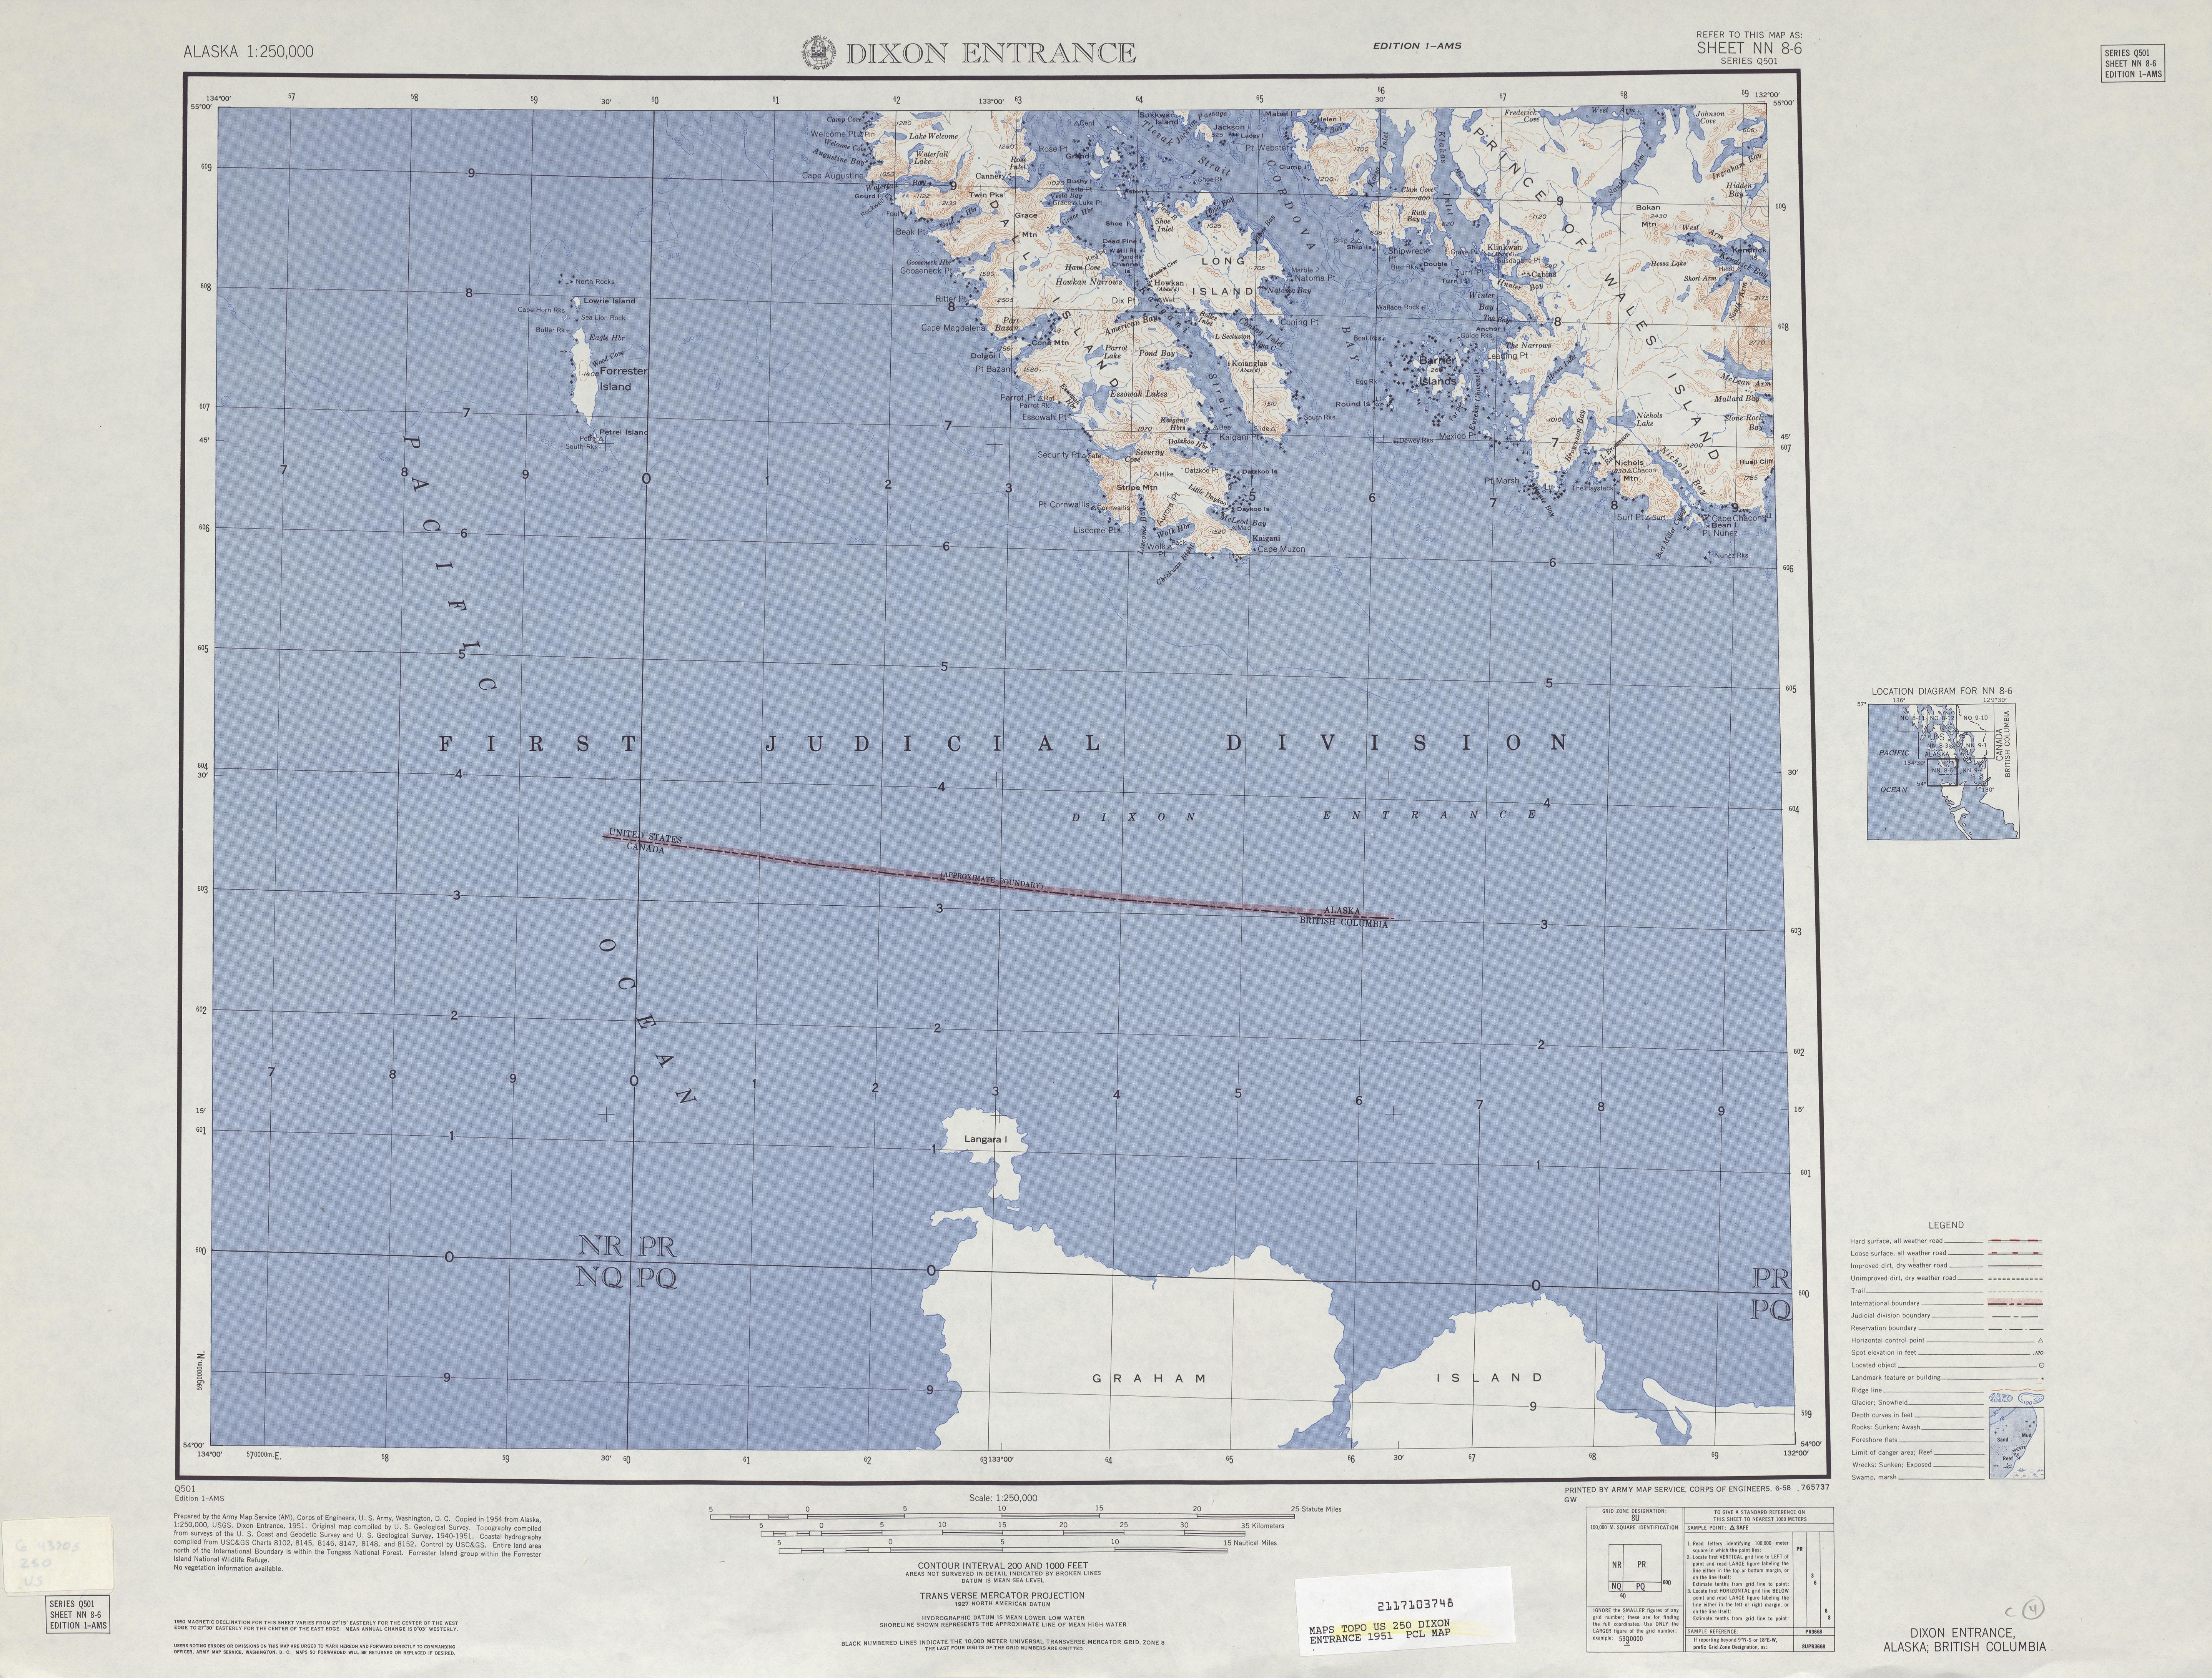 Hoja Dixon Entrance del Mapa Topográfico de los Estados Unidos 1951